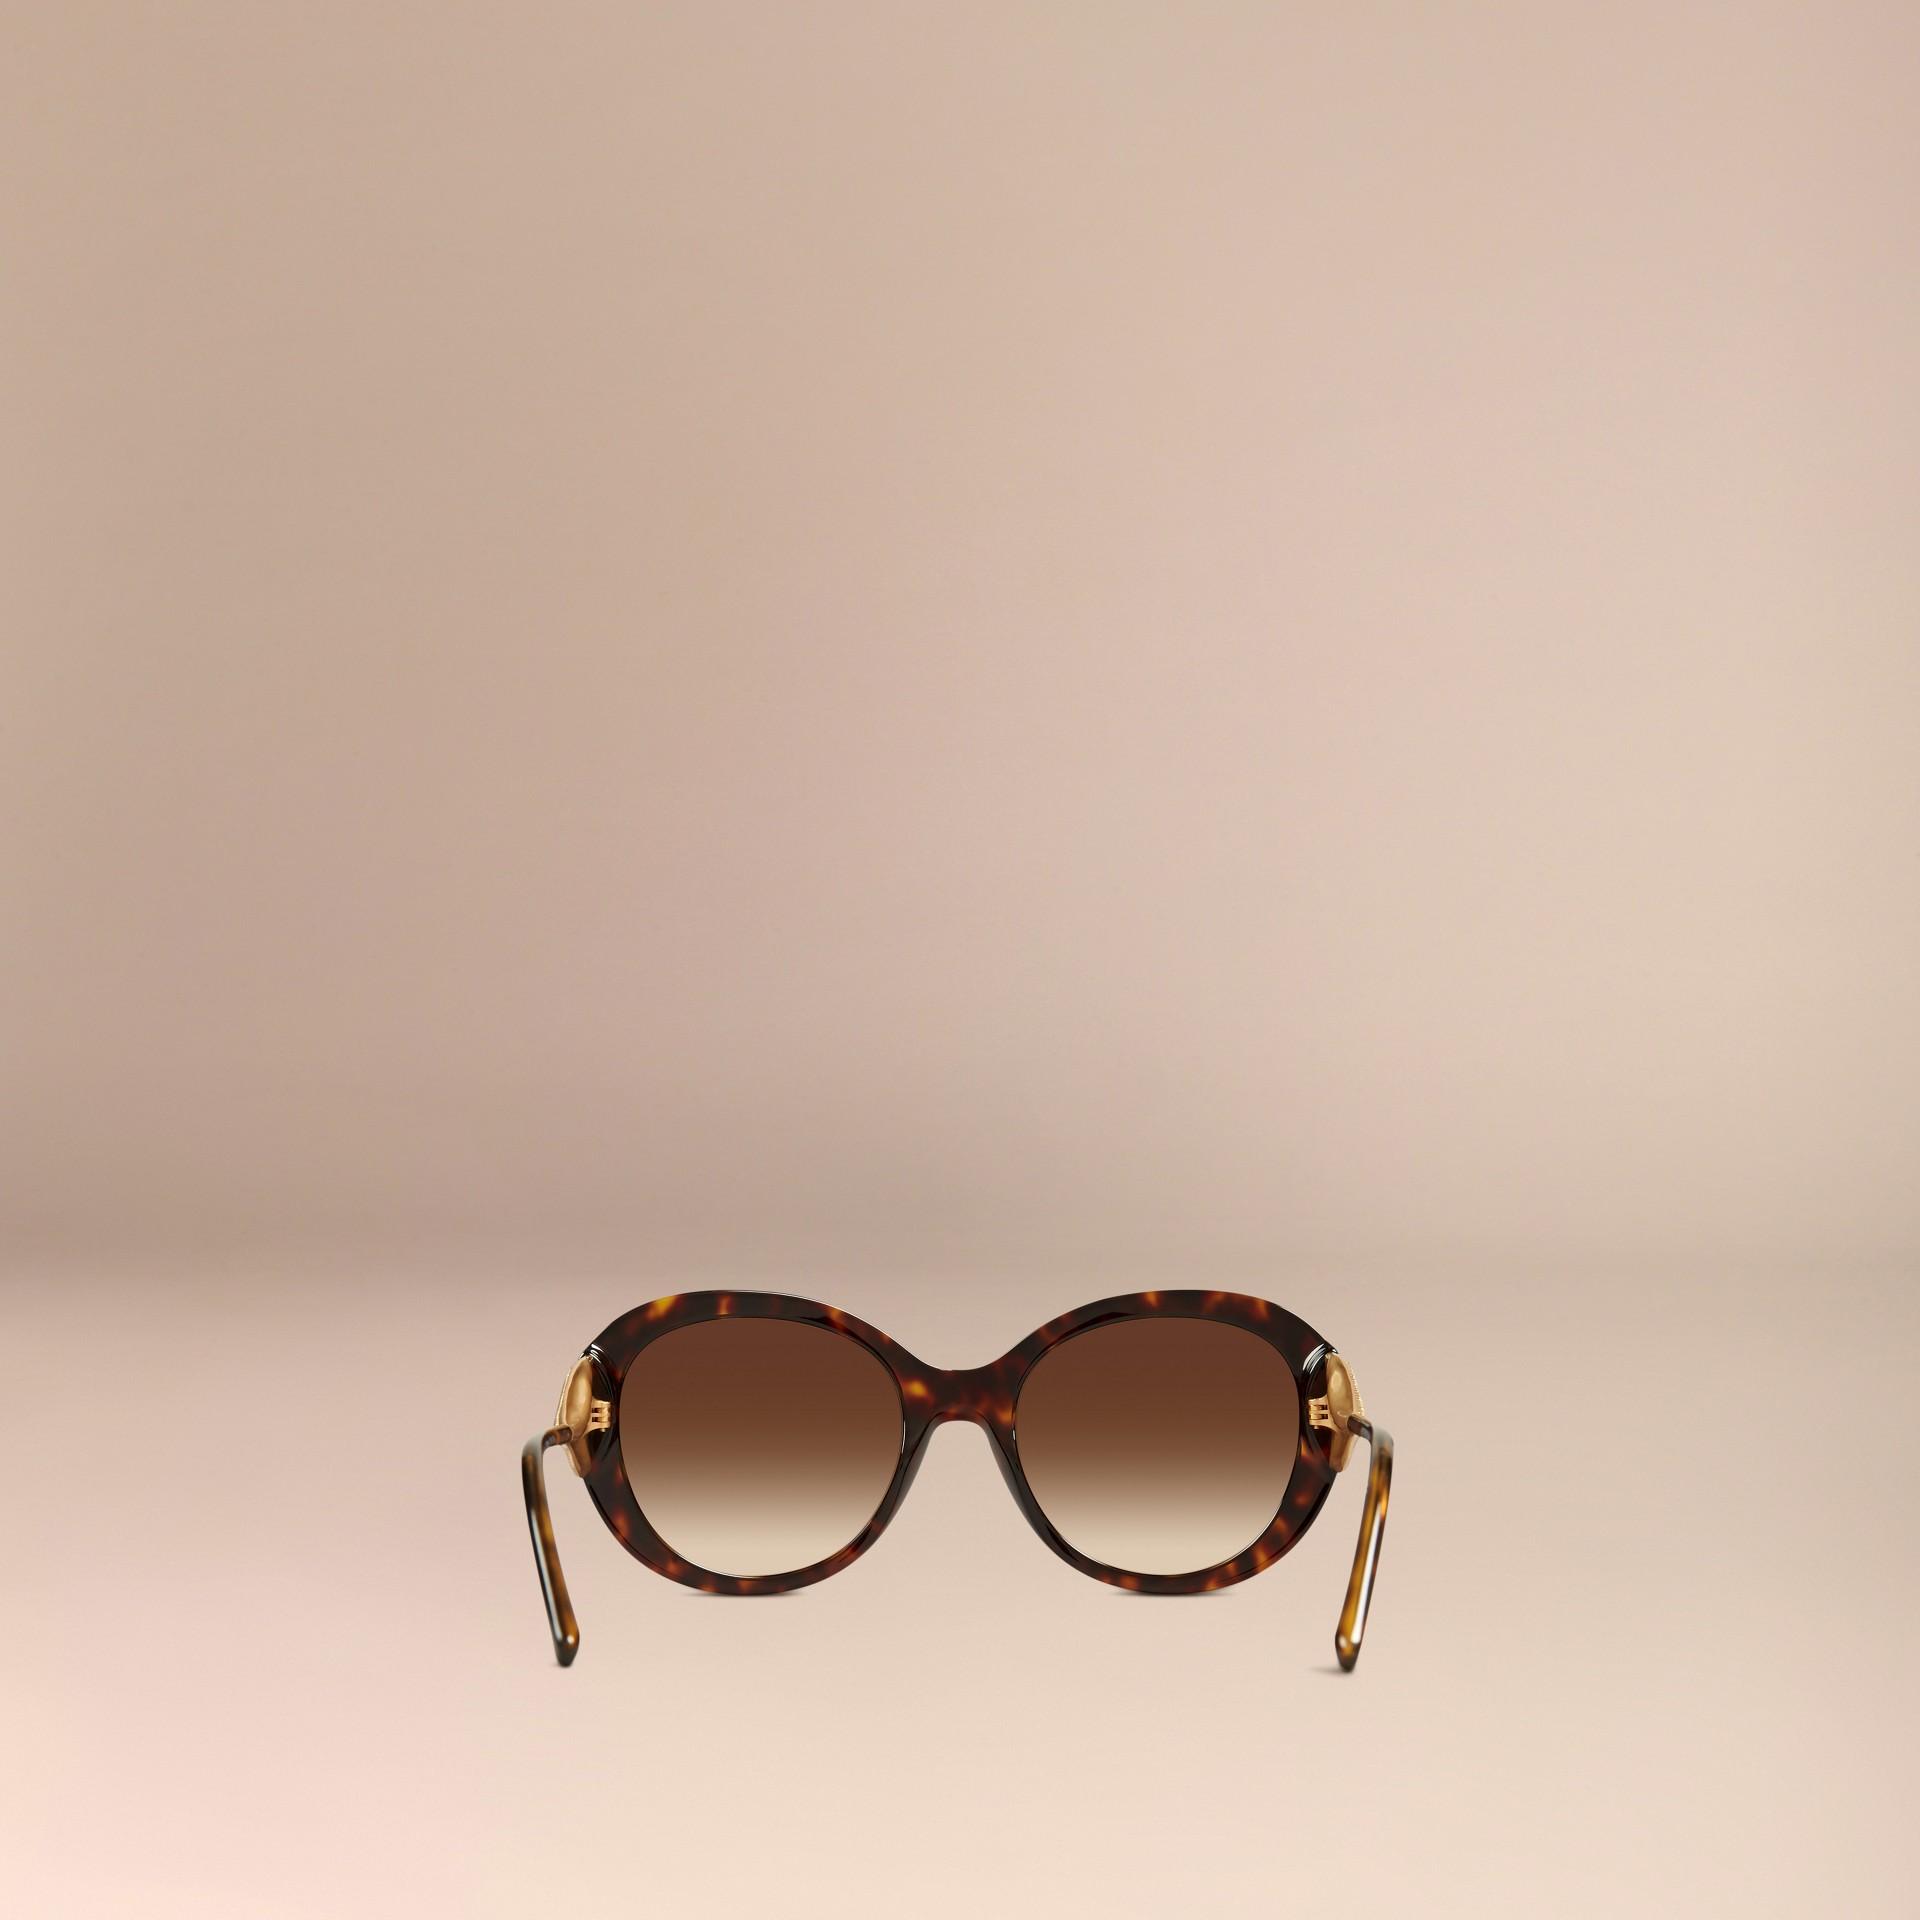 Ebano Occhiali da sole oversize con montatura tonda collezione Gabardine Ebano - immagine della galleria 4